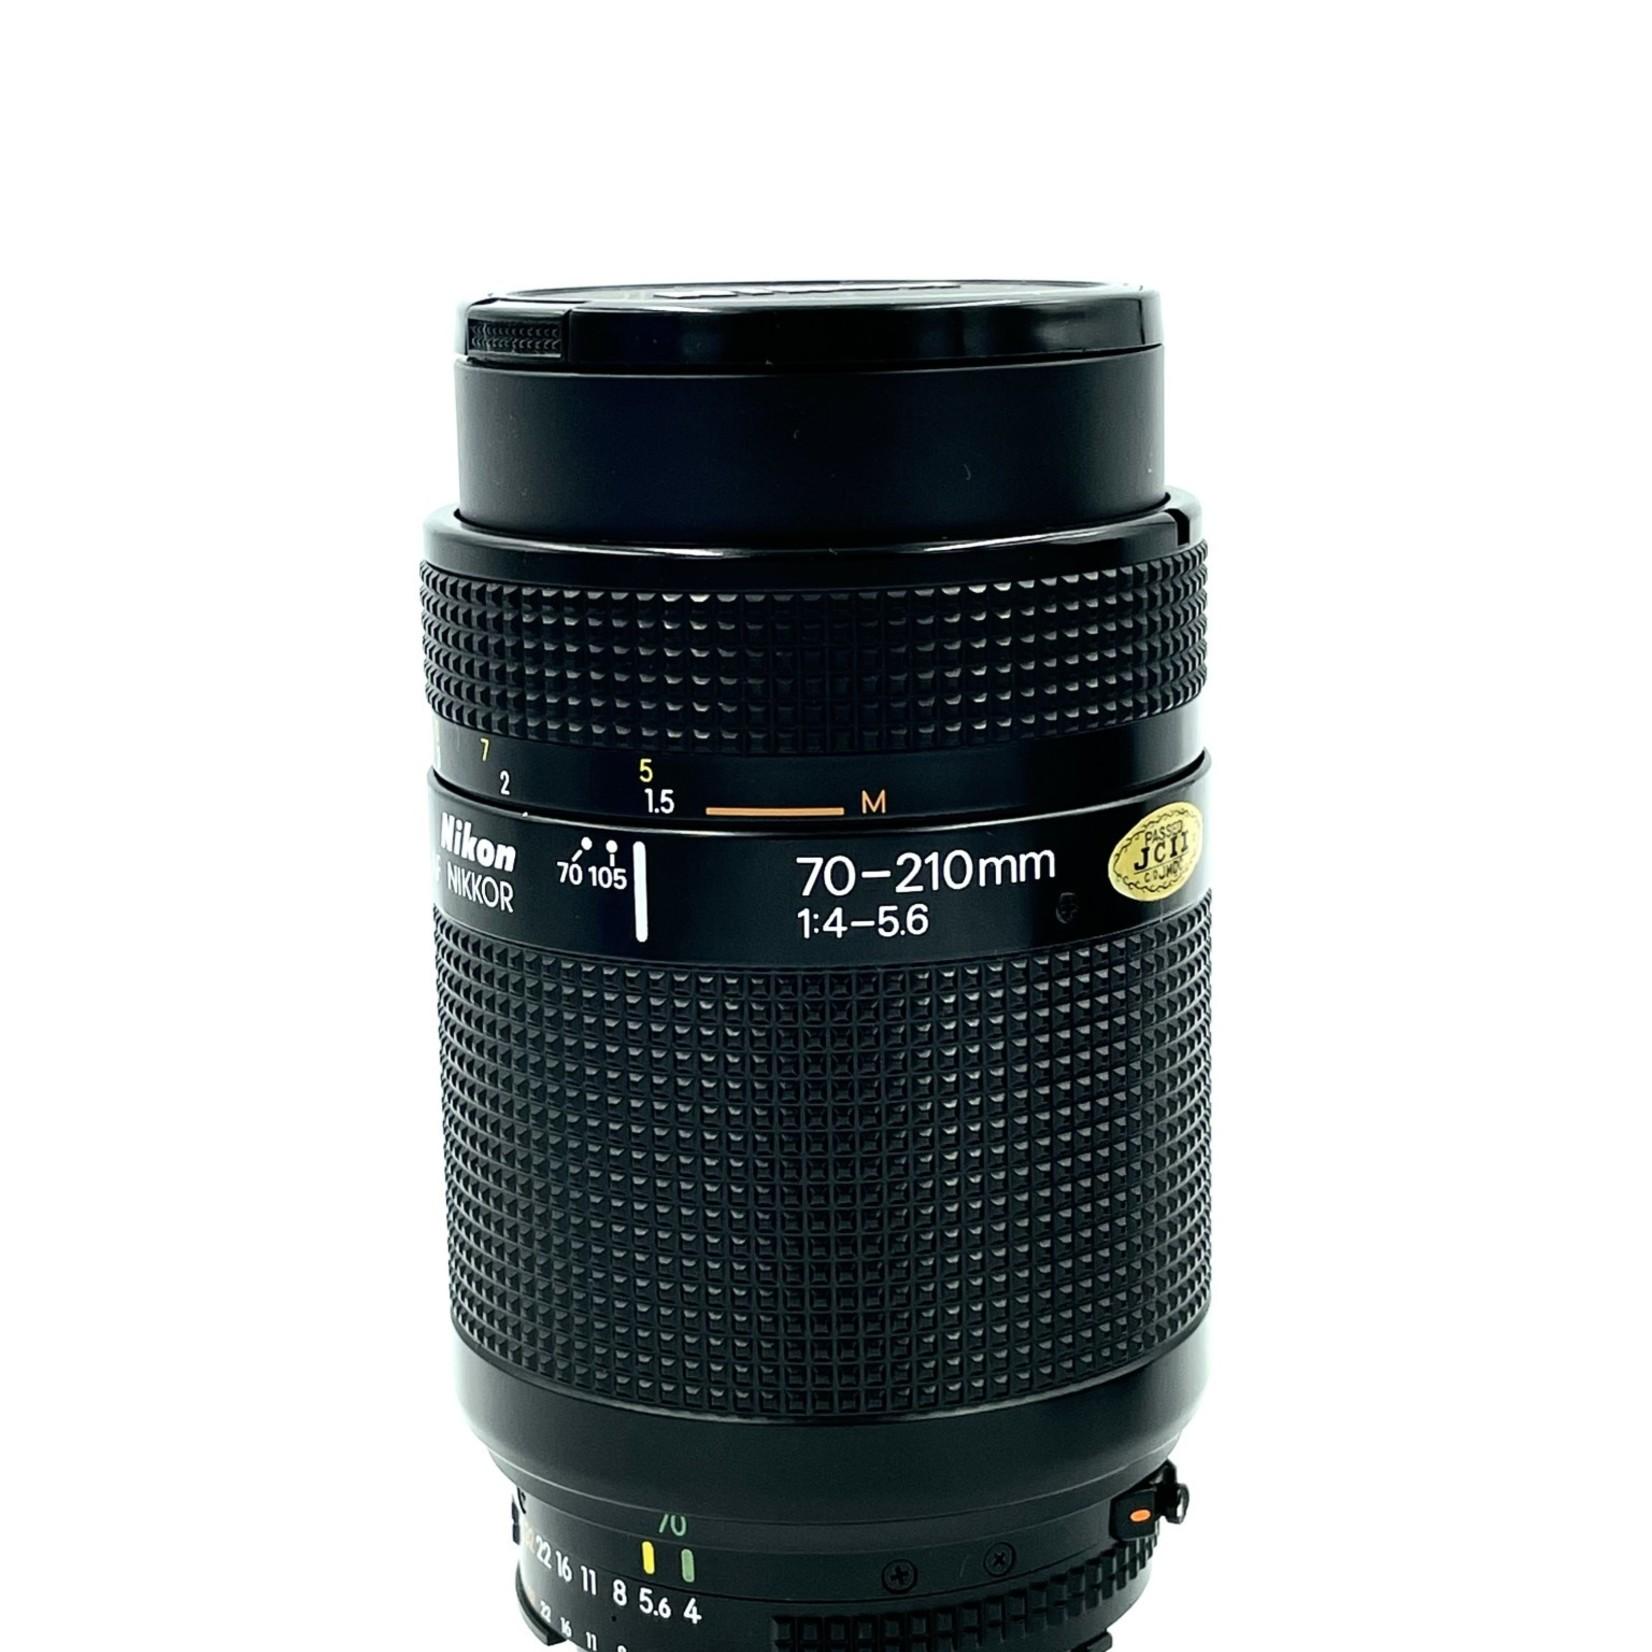 #1062 Nikon 70-210mm